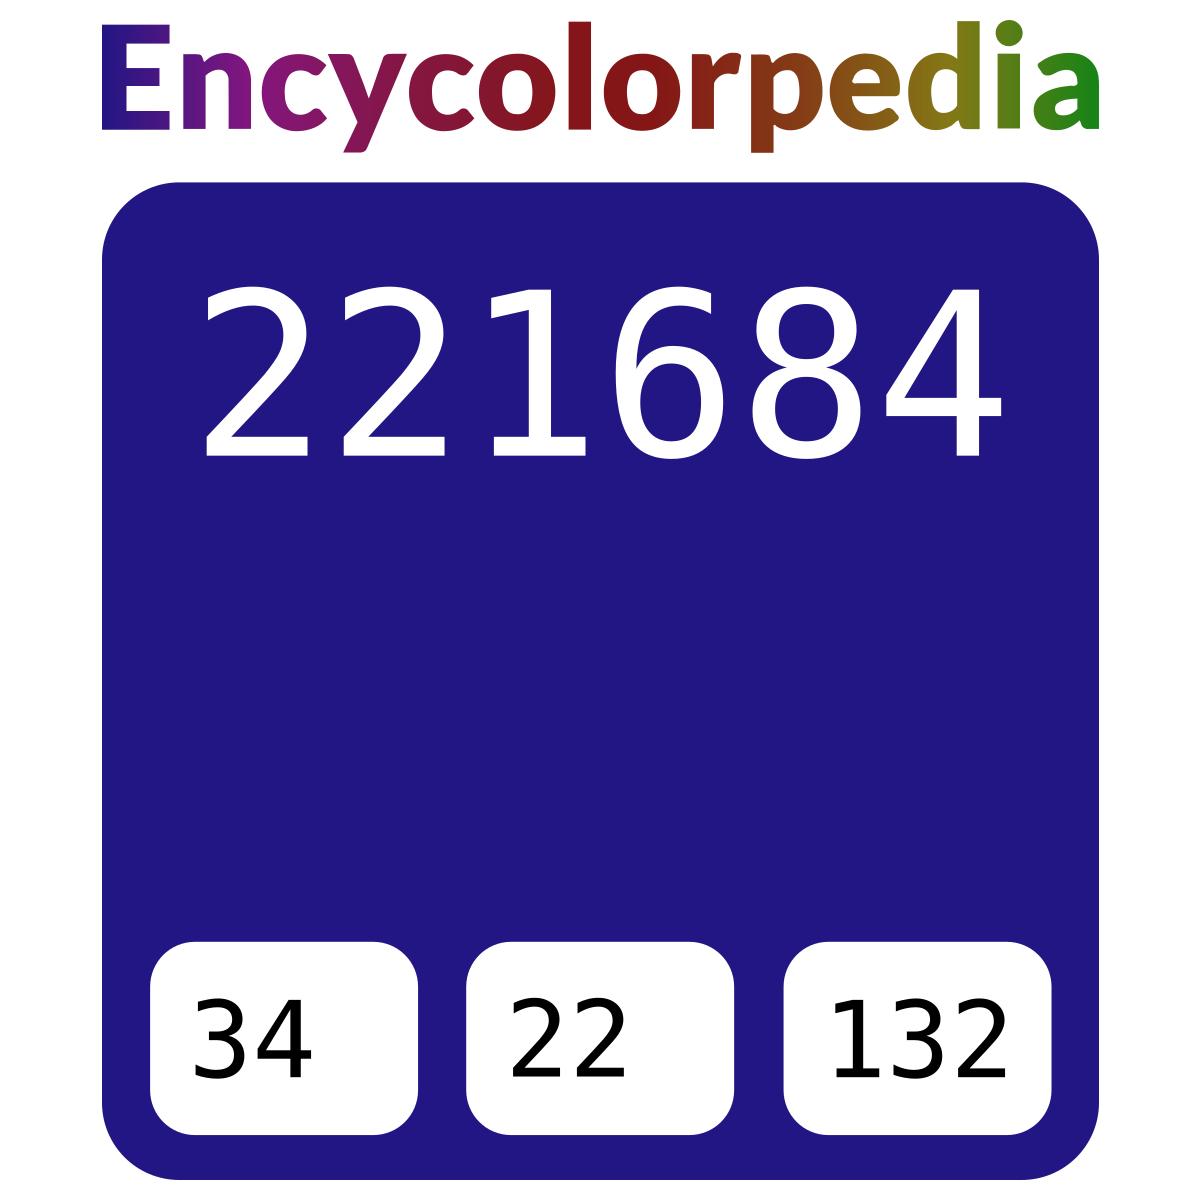 pantone    pms reflex blue xgc     221684 hex color code schemes  u0026 paints